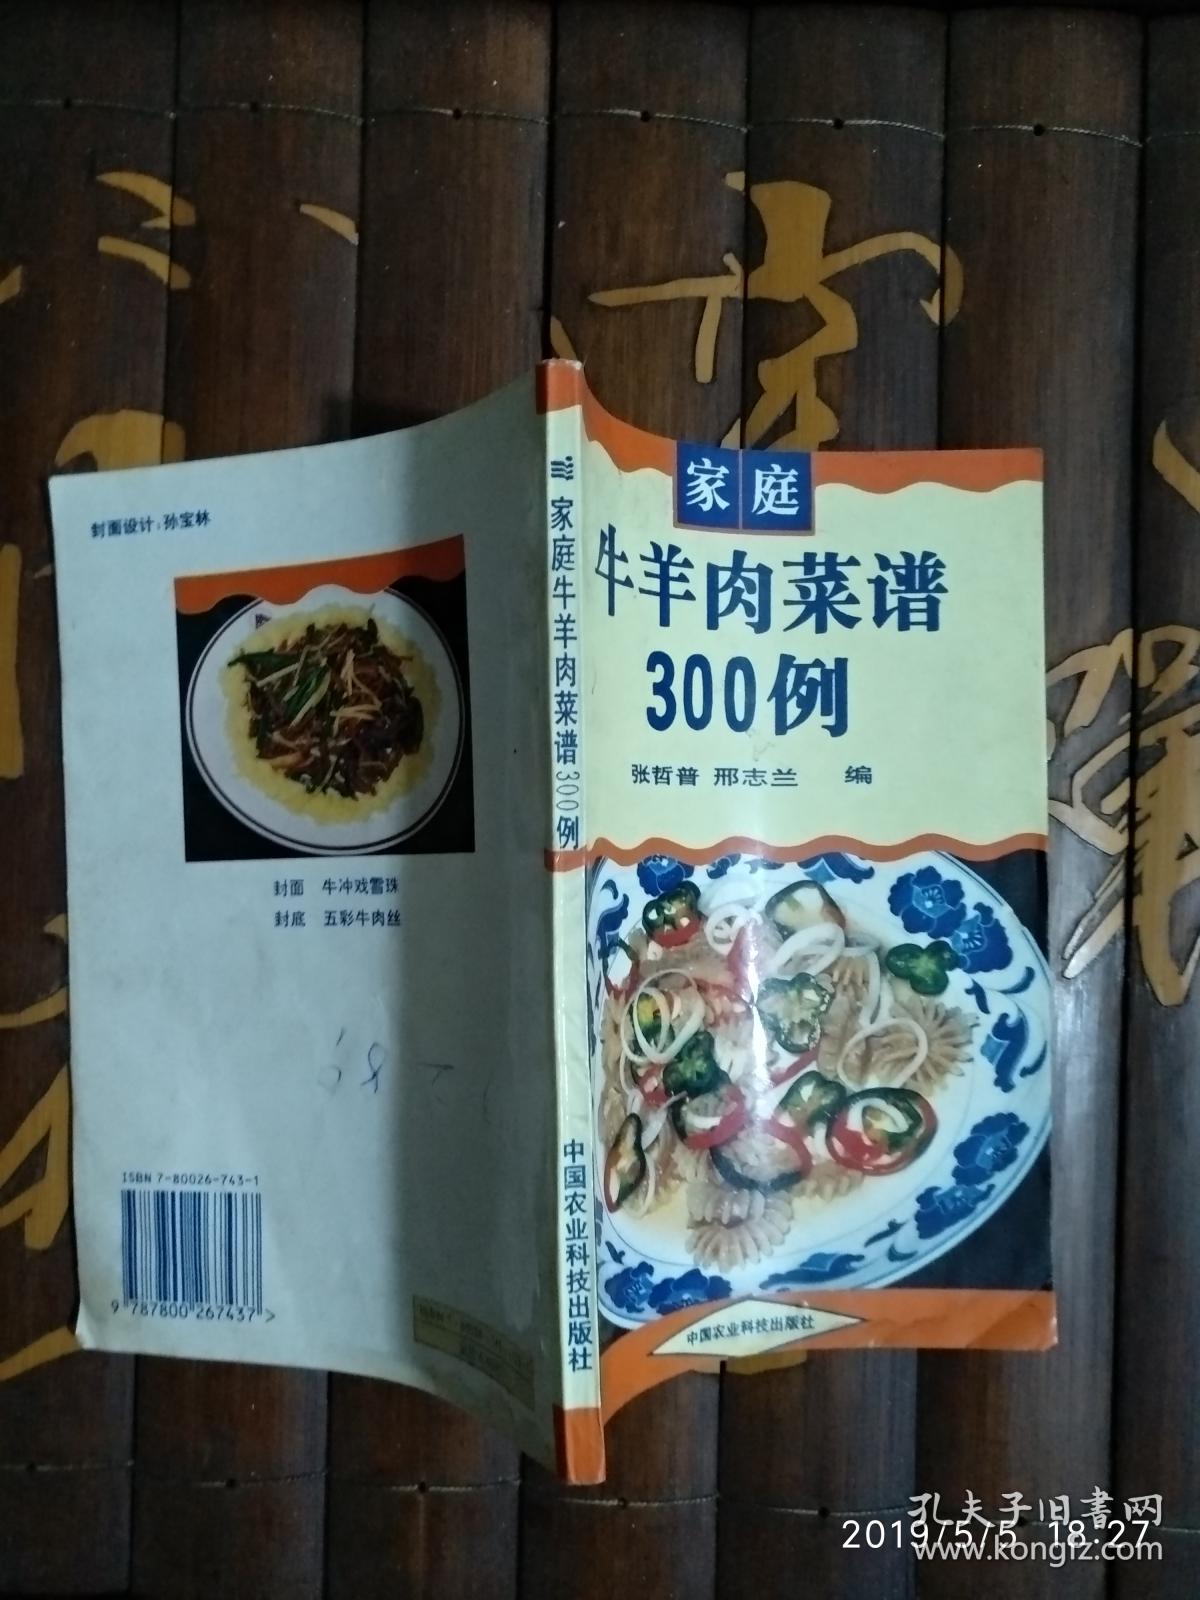 牛羊肉菜谱300例吃完皮皮虾多久后可以吃水果